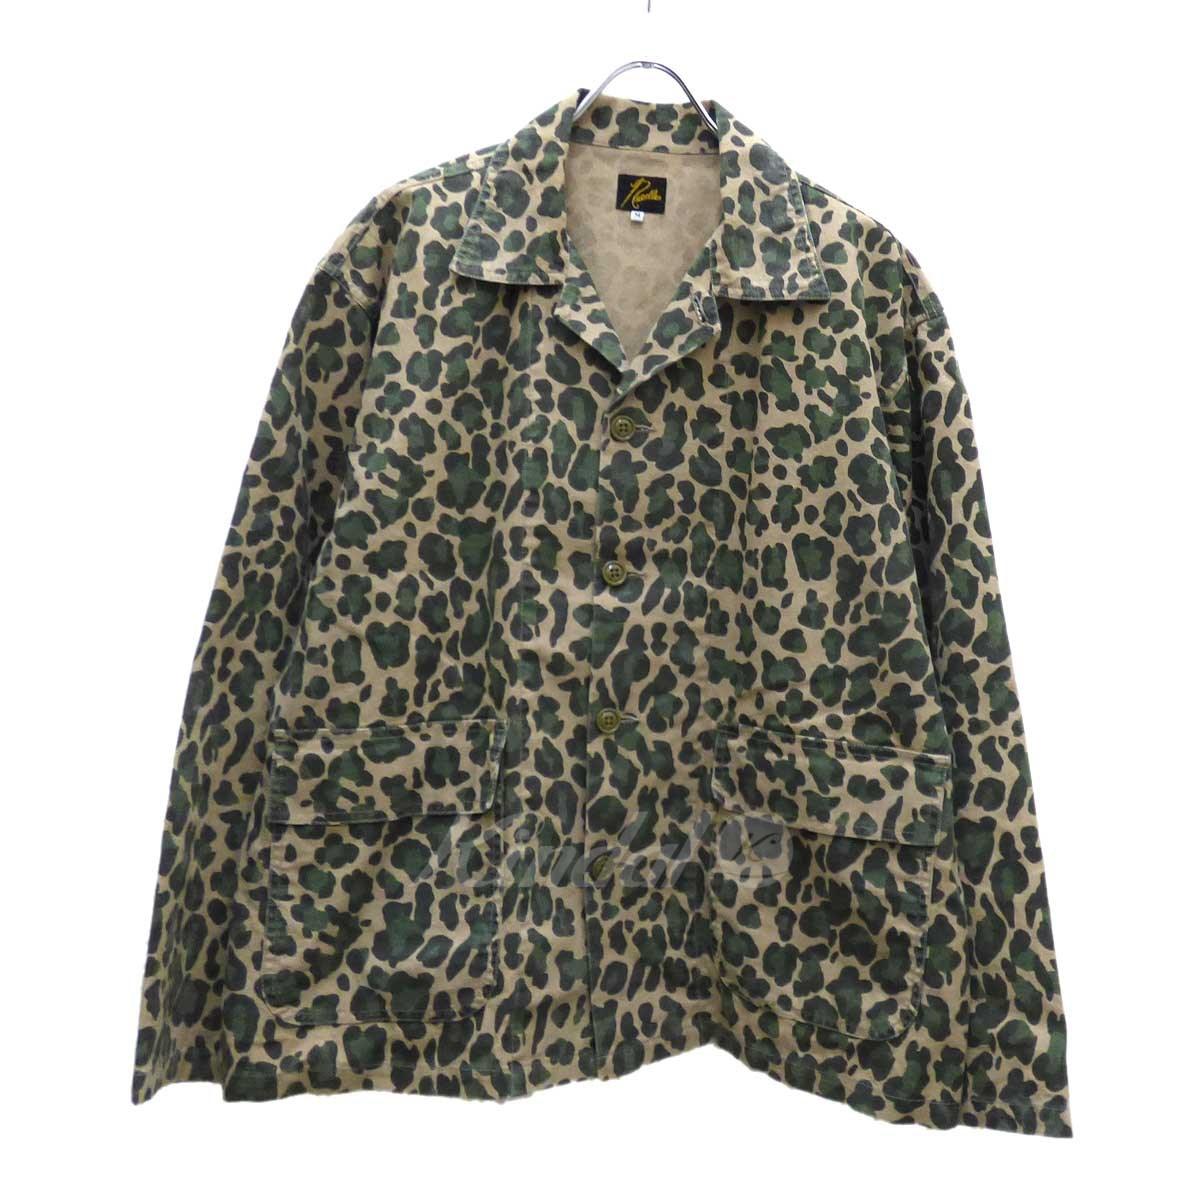 【中古】Needles Bush Jacket C/L Canvas ジャケット ベージュ×グリーン サイズ:M 【110319】(ニードルス)